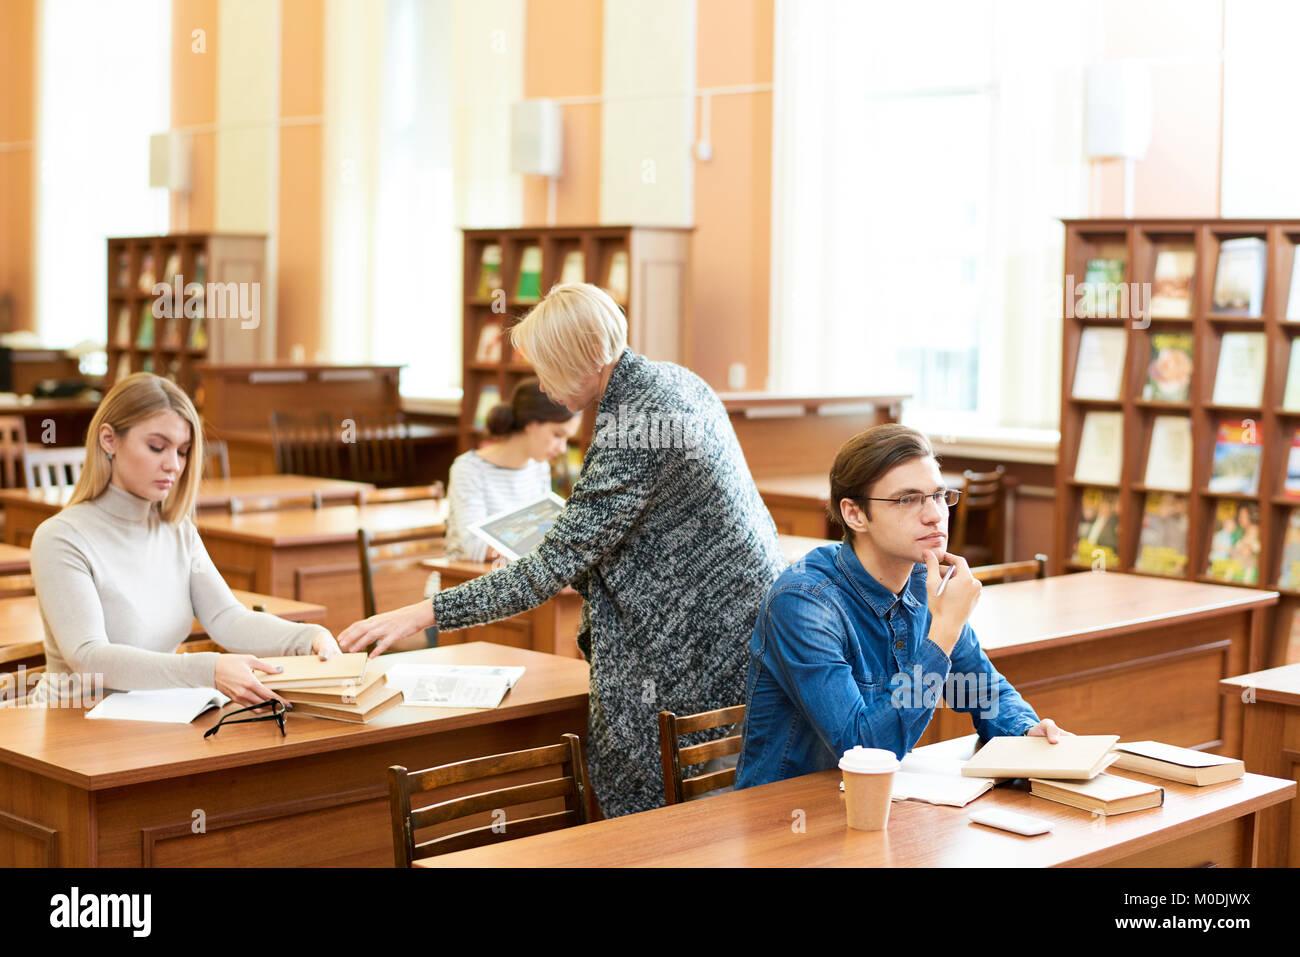 Arbeitsprozess in der Universität Reading Room Stockfoto